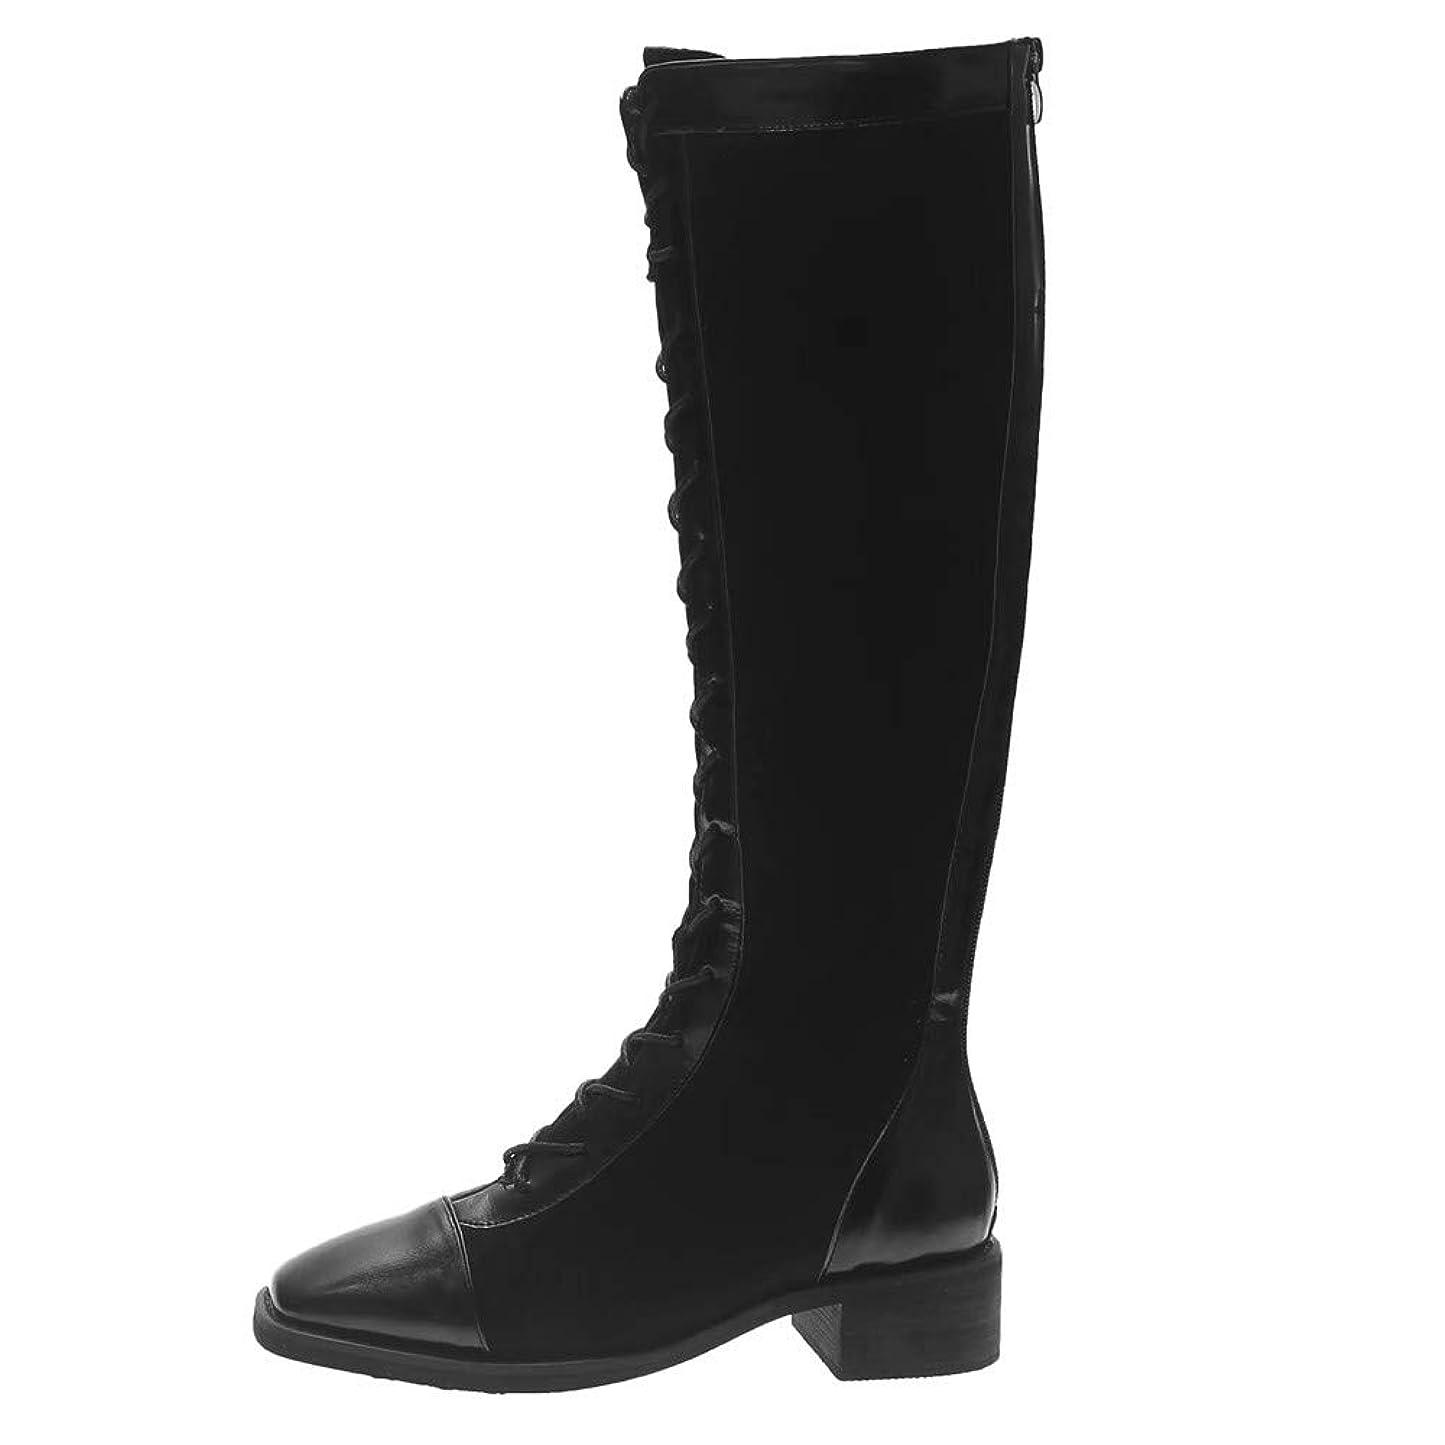 深める有限変更可能幸運な太陽 ハイブーツ レディース シューズ 無地 ファッション ローヒール スクエアトゥ レースアップ ロングチューブ ナイトブーツ 膝上 長靴 ニーハイブーツ (3cmヒール) 大人 上品 疲れない 歩きやすい 靴 保温 防寒 靴